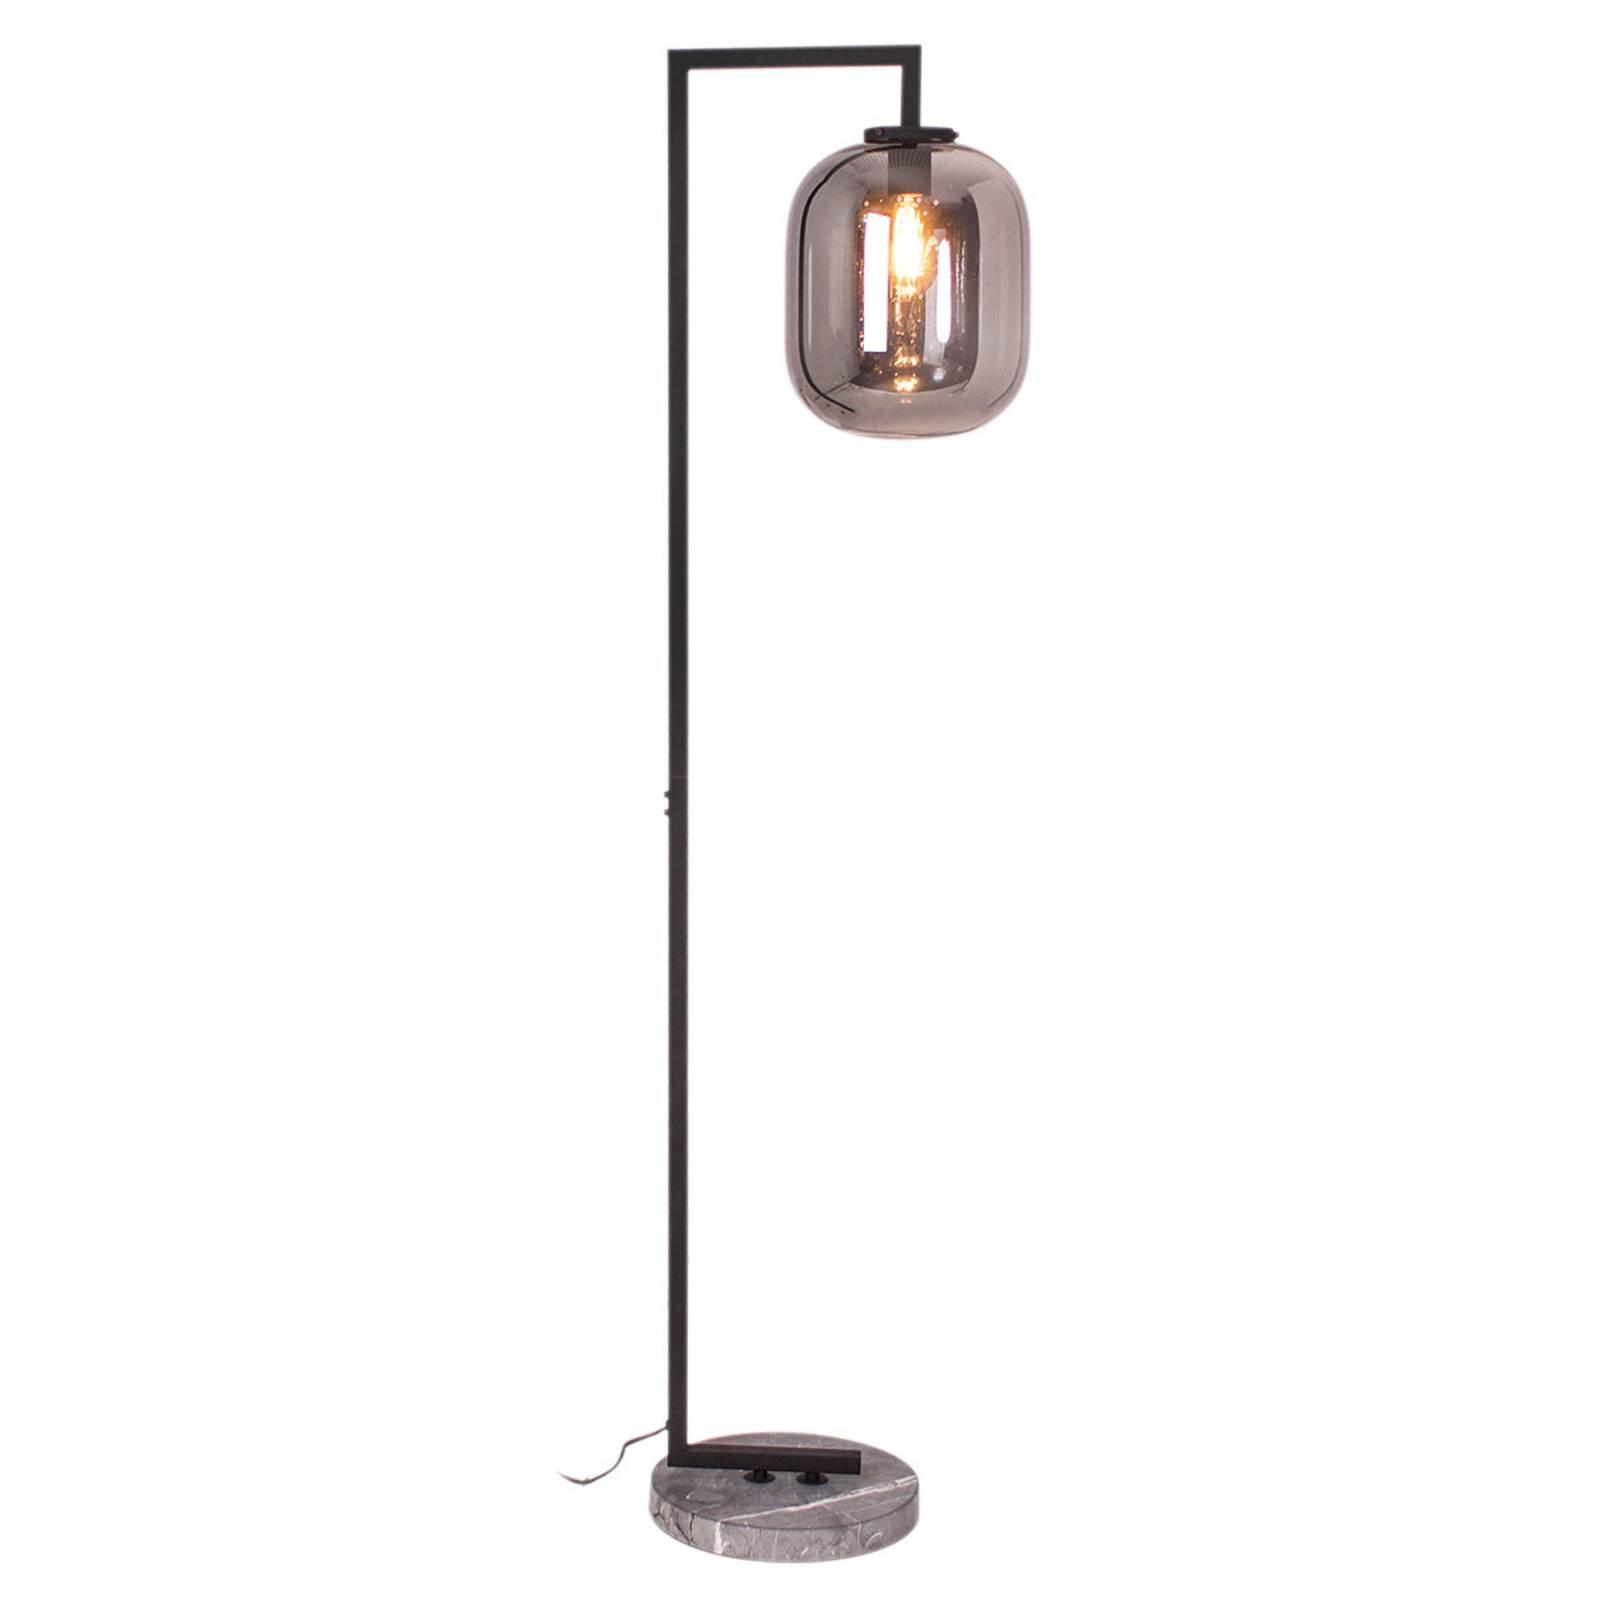 By Rydéns Leola glass-gulvlampe i røykgrå